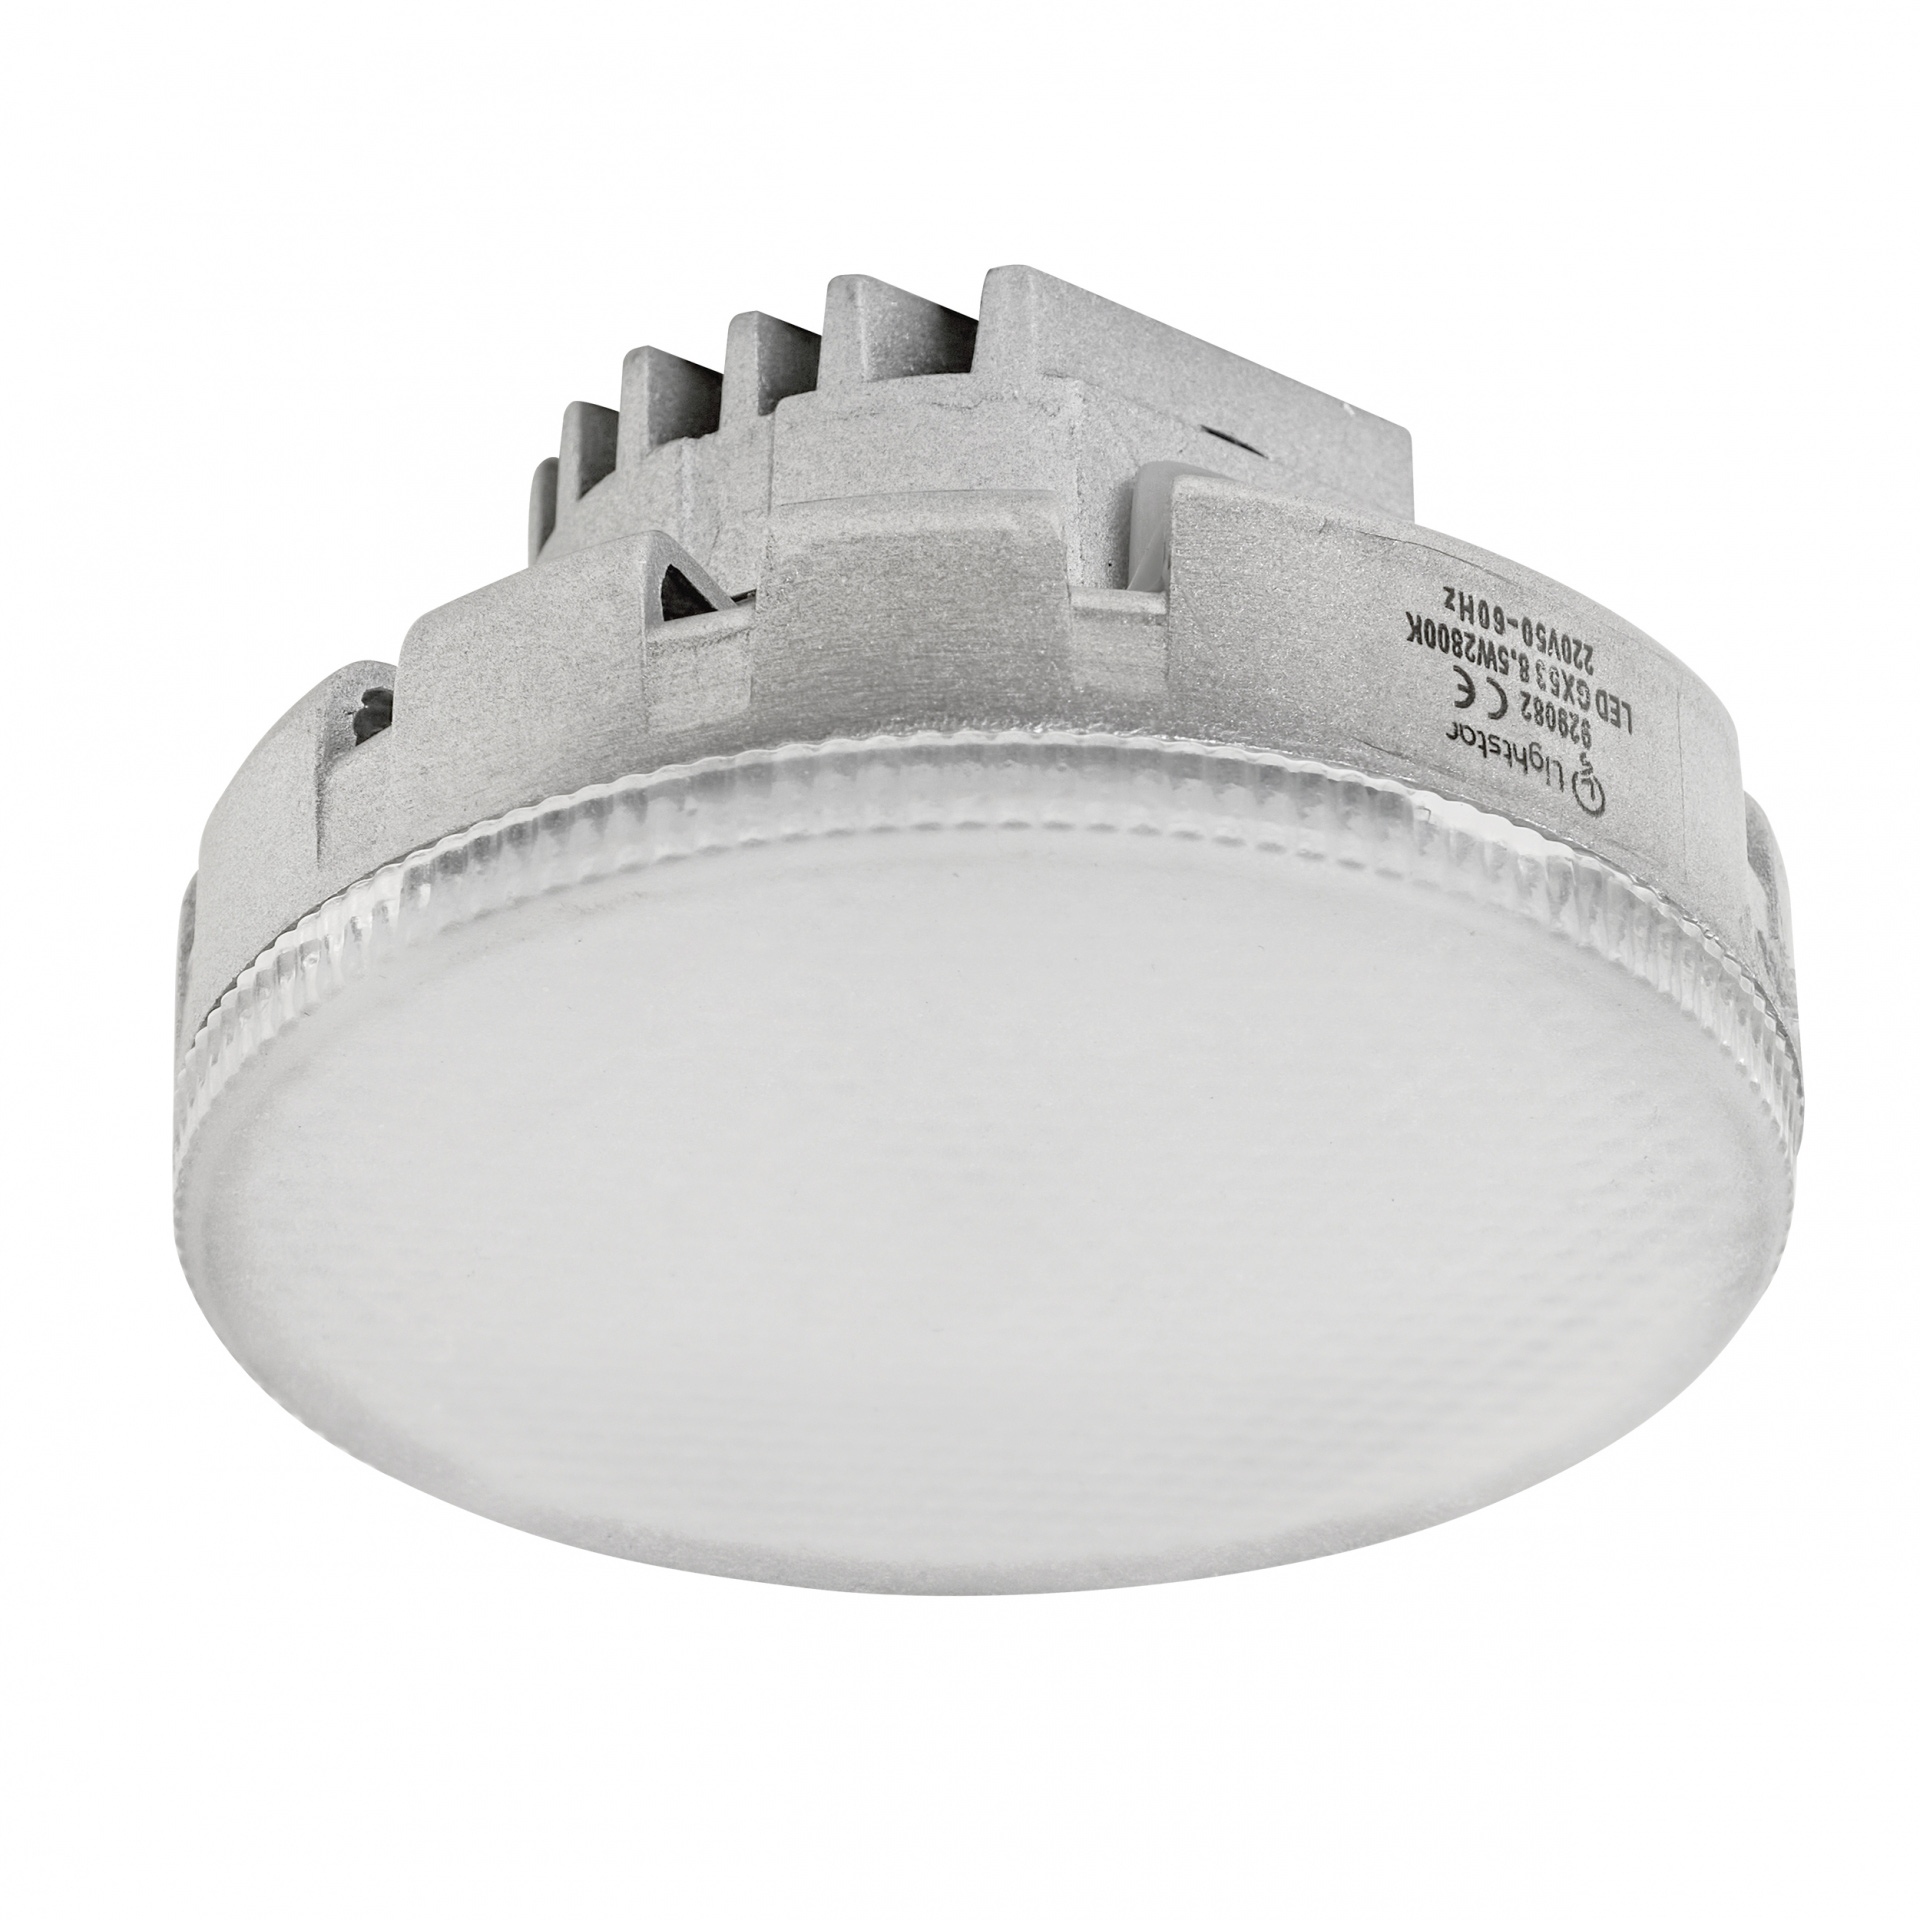 Лампа LED 220V TABL GX53 8.5W=80W 680LM 180G FR 4000K 20000H Lightstar 929084, купить в СПб, Москве, с доставкой, Санкт-Петербург, интернет-магазин люстр и светильников Starlight, фото в жизни